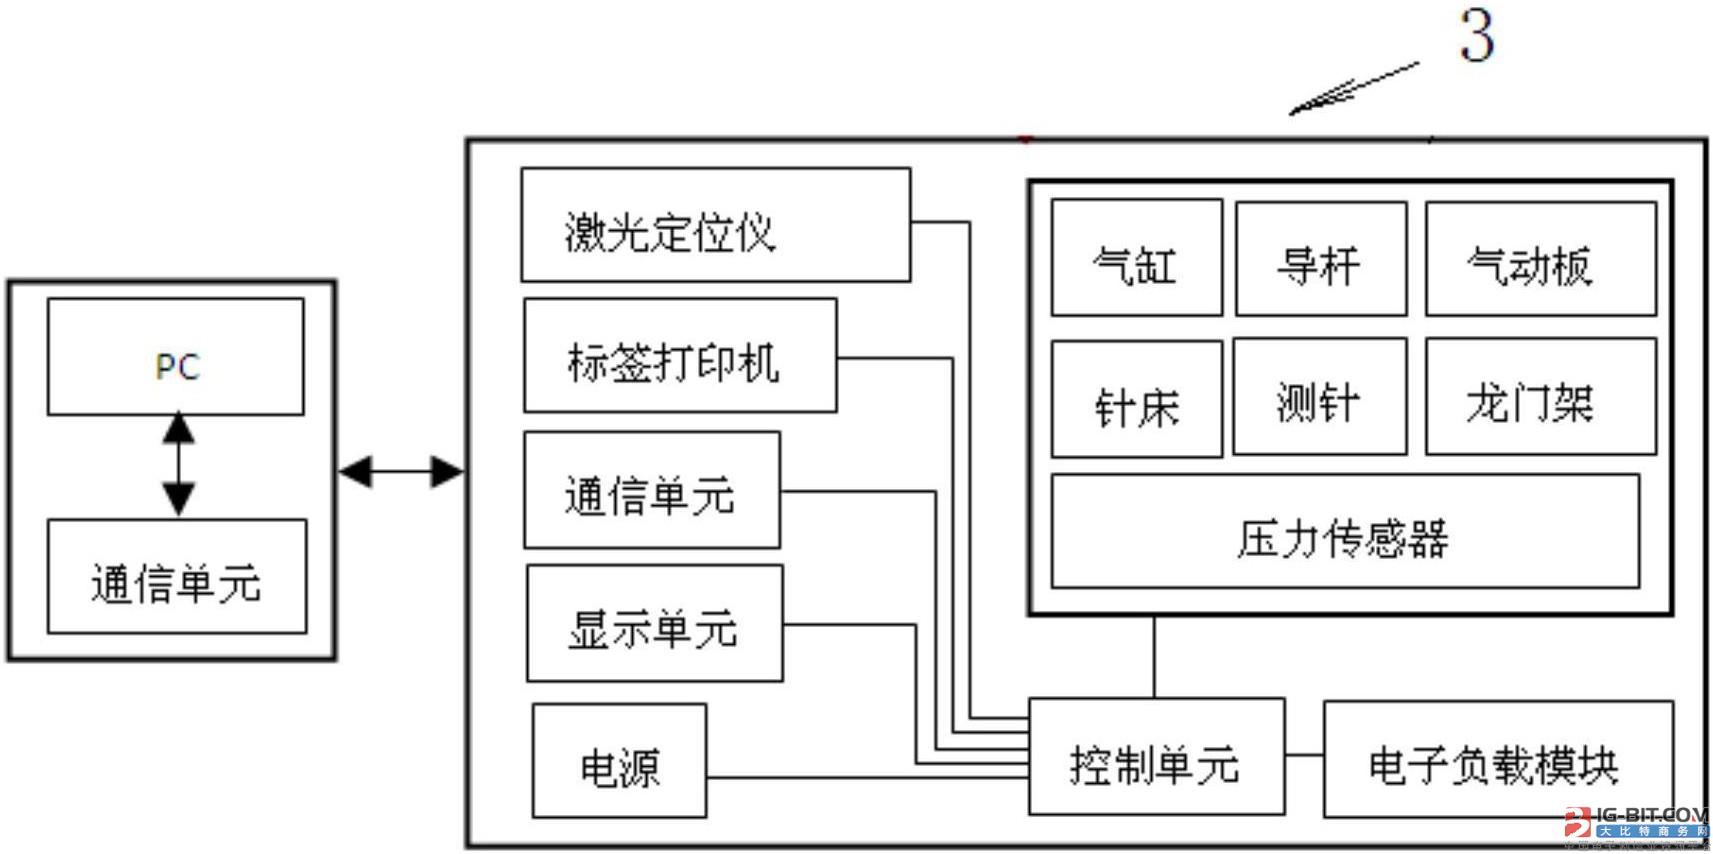 【仪表专利】一种智能电能表自动检测系统